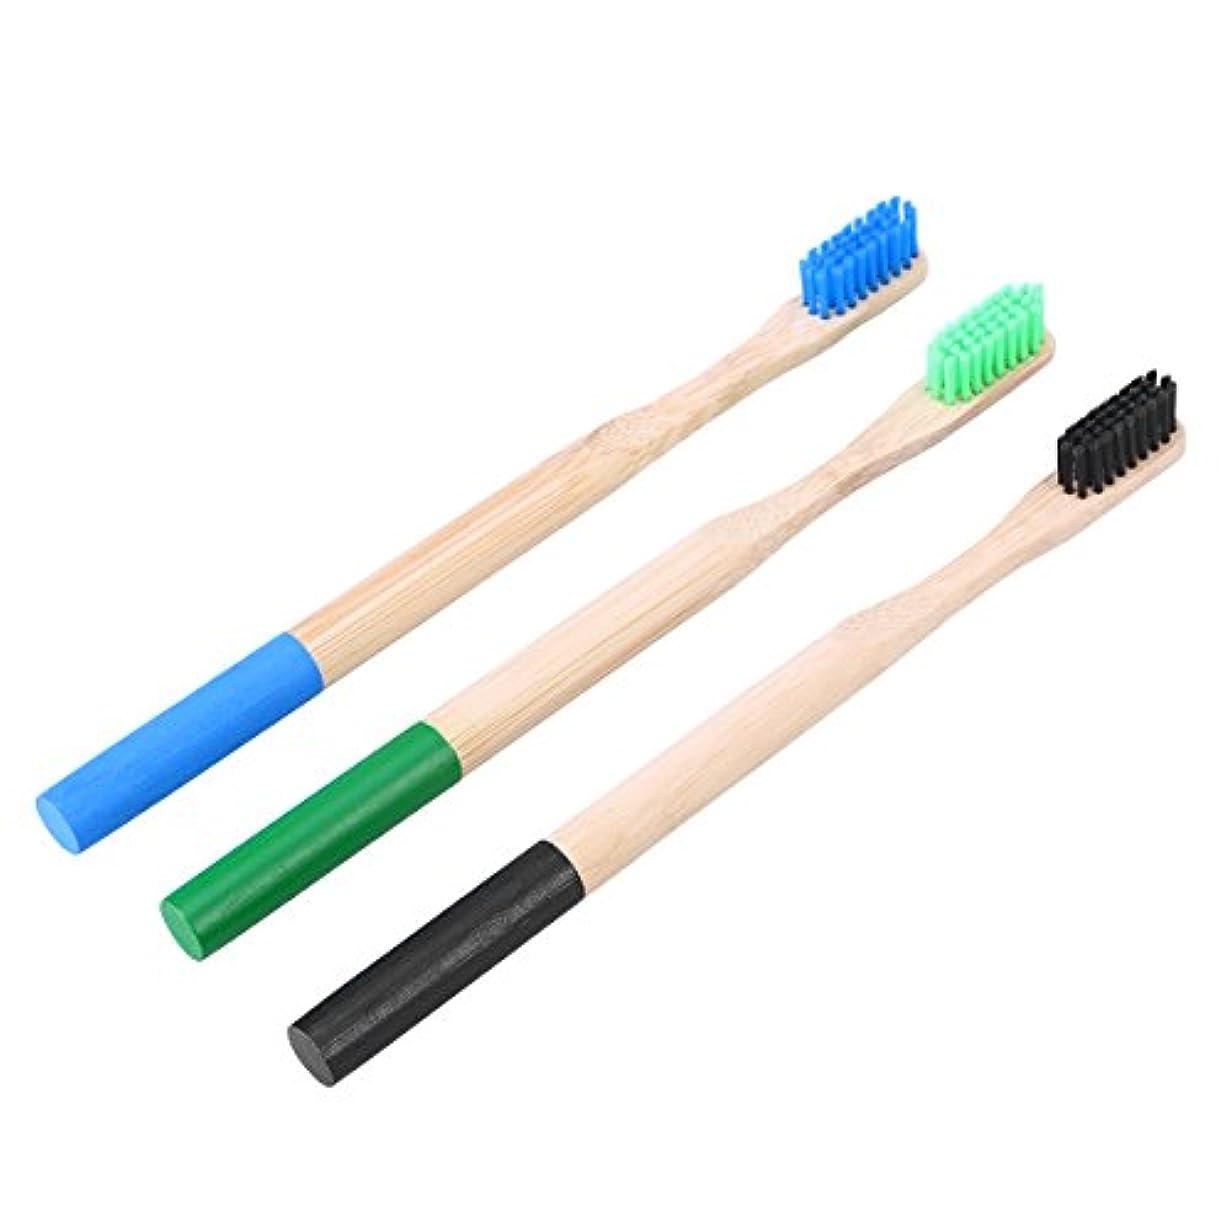 幼児準拠ルーチンHEALILY竹の歯ブラシラウンドハンドルナチュラルエコフレンドリーソフト剛毛旅行歯ブラシ3本